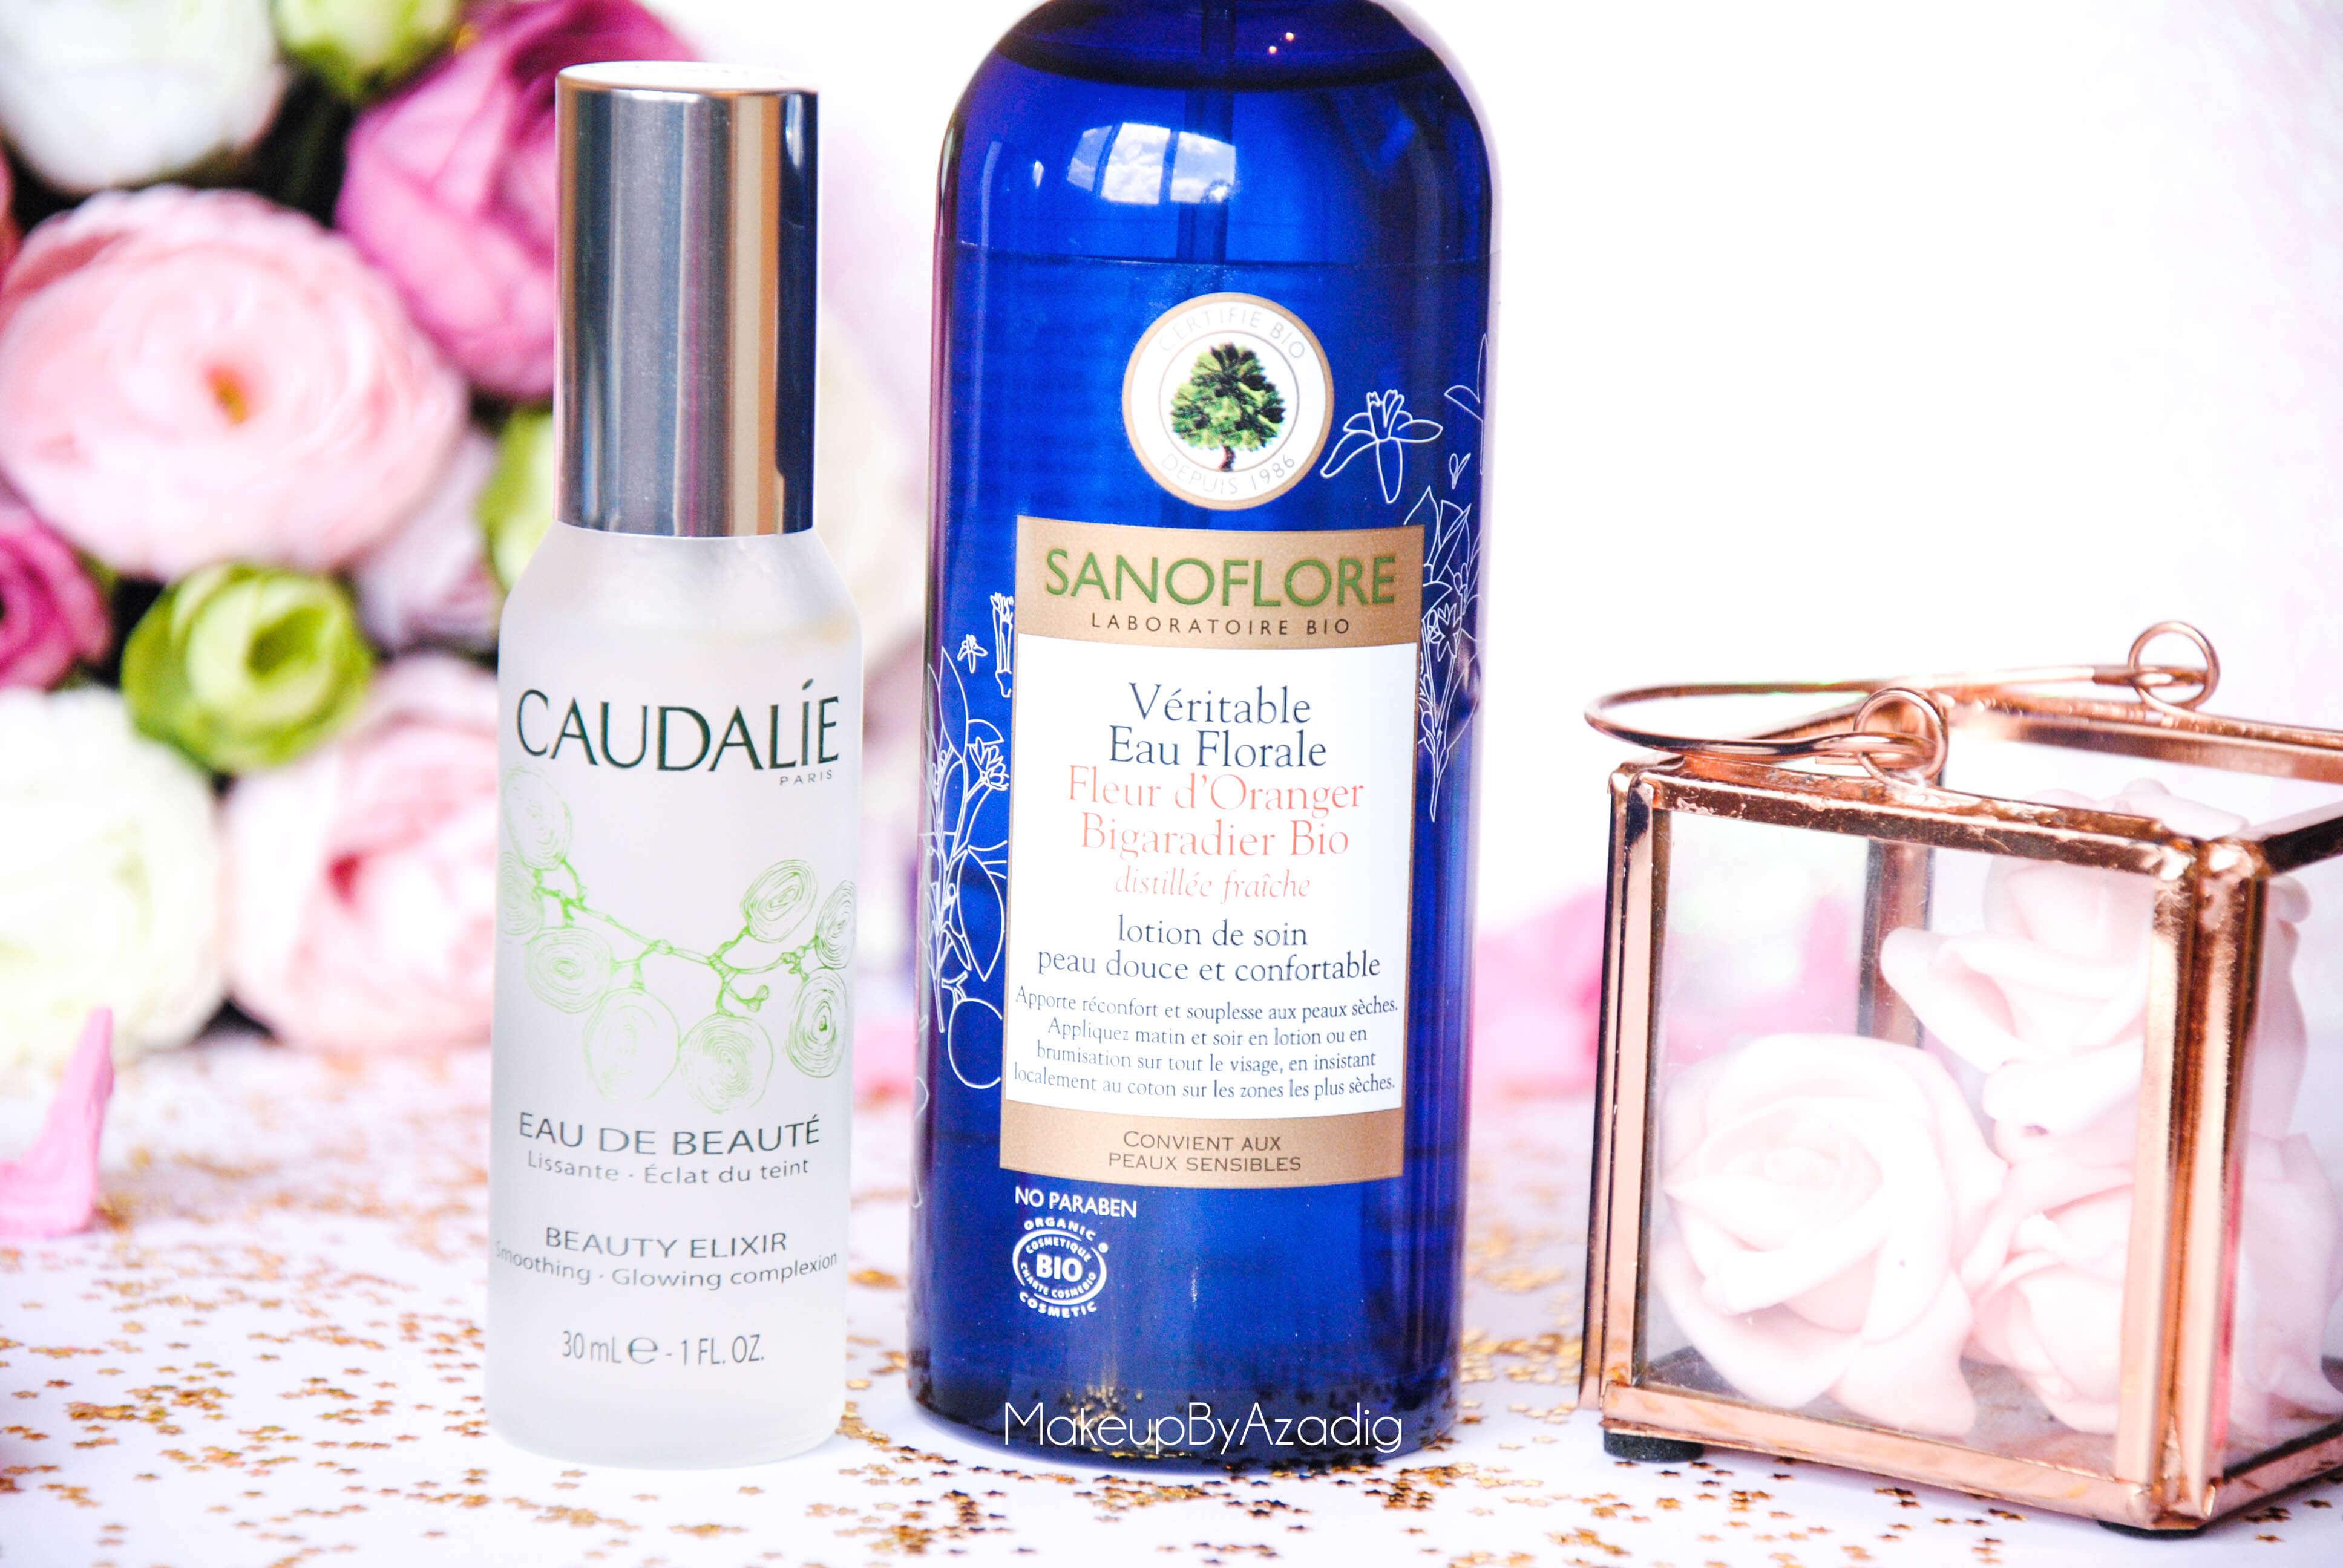 eau de beaute - caudalie - sanoflore - eau florale - produits de parapharmacie - makeupbyazadig - blog troyes - doctipharma -